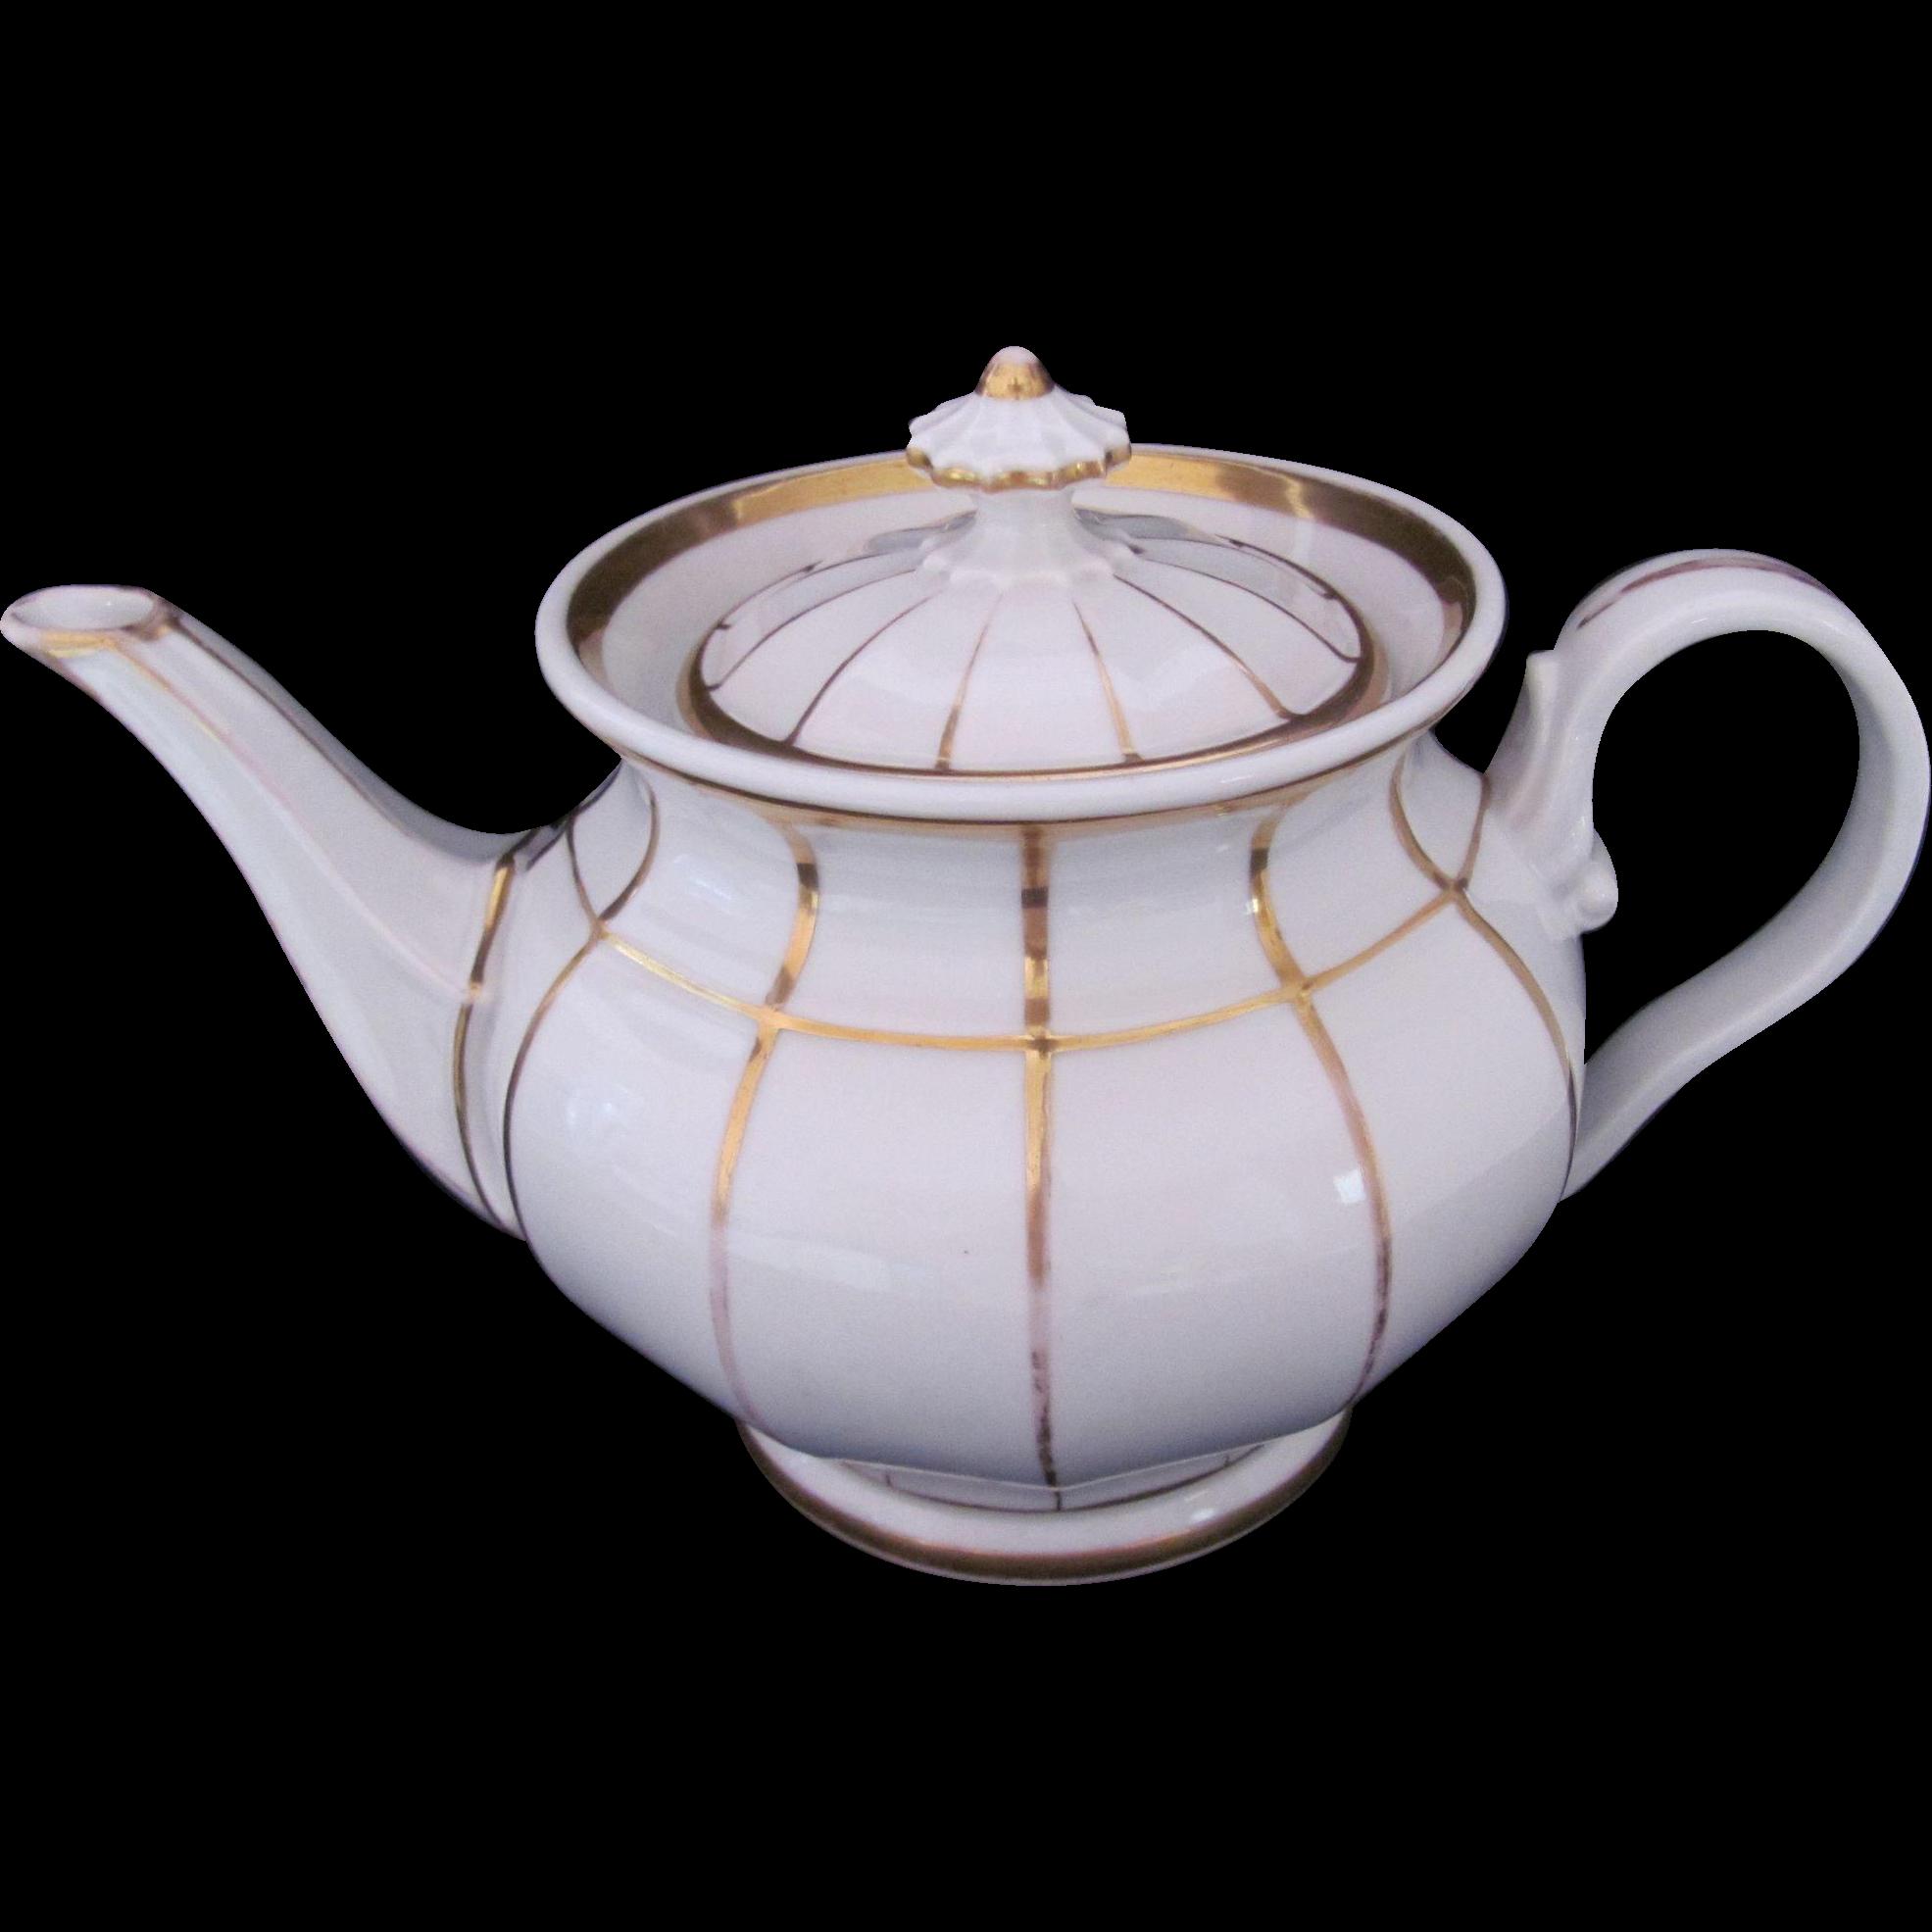 KPM Large Teapot Tea Pot White Gold Antique c.1840